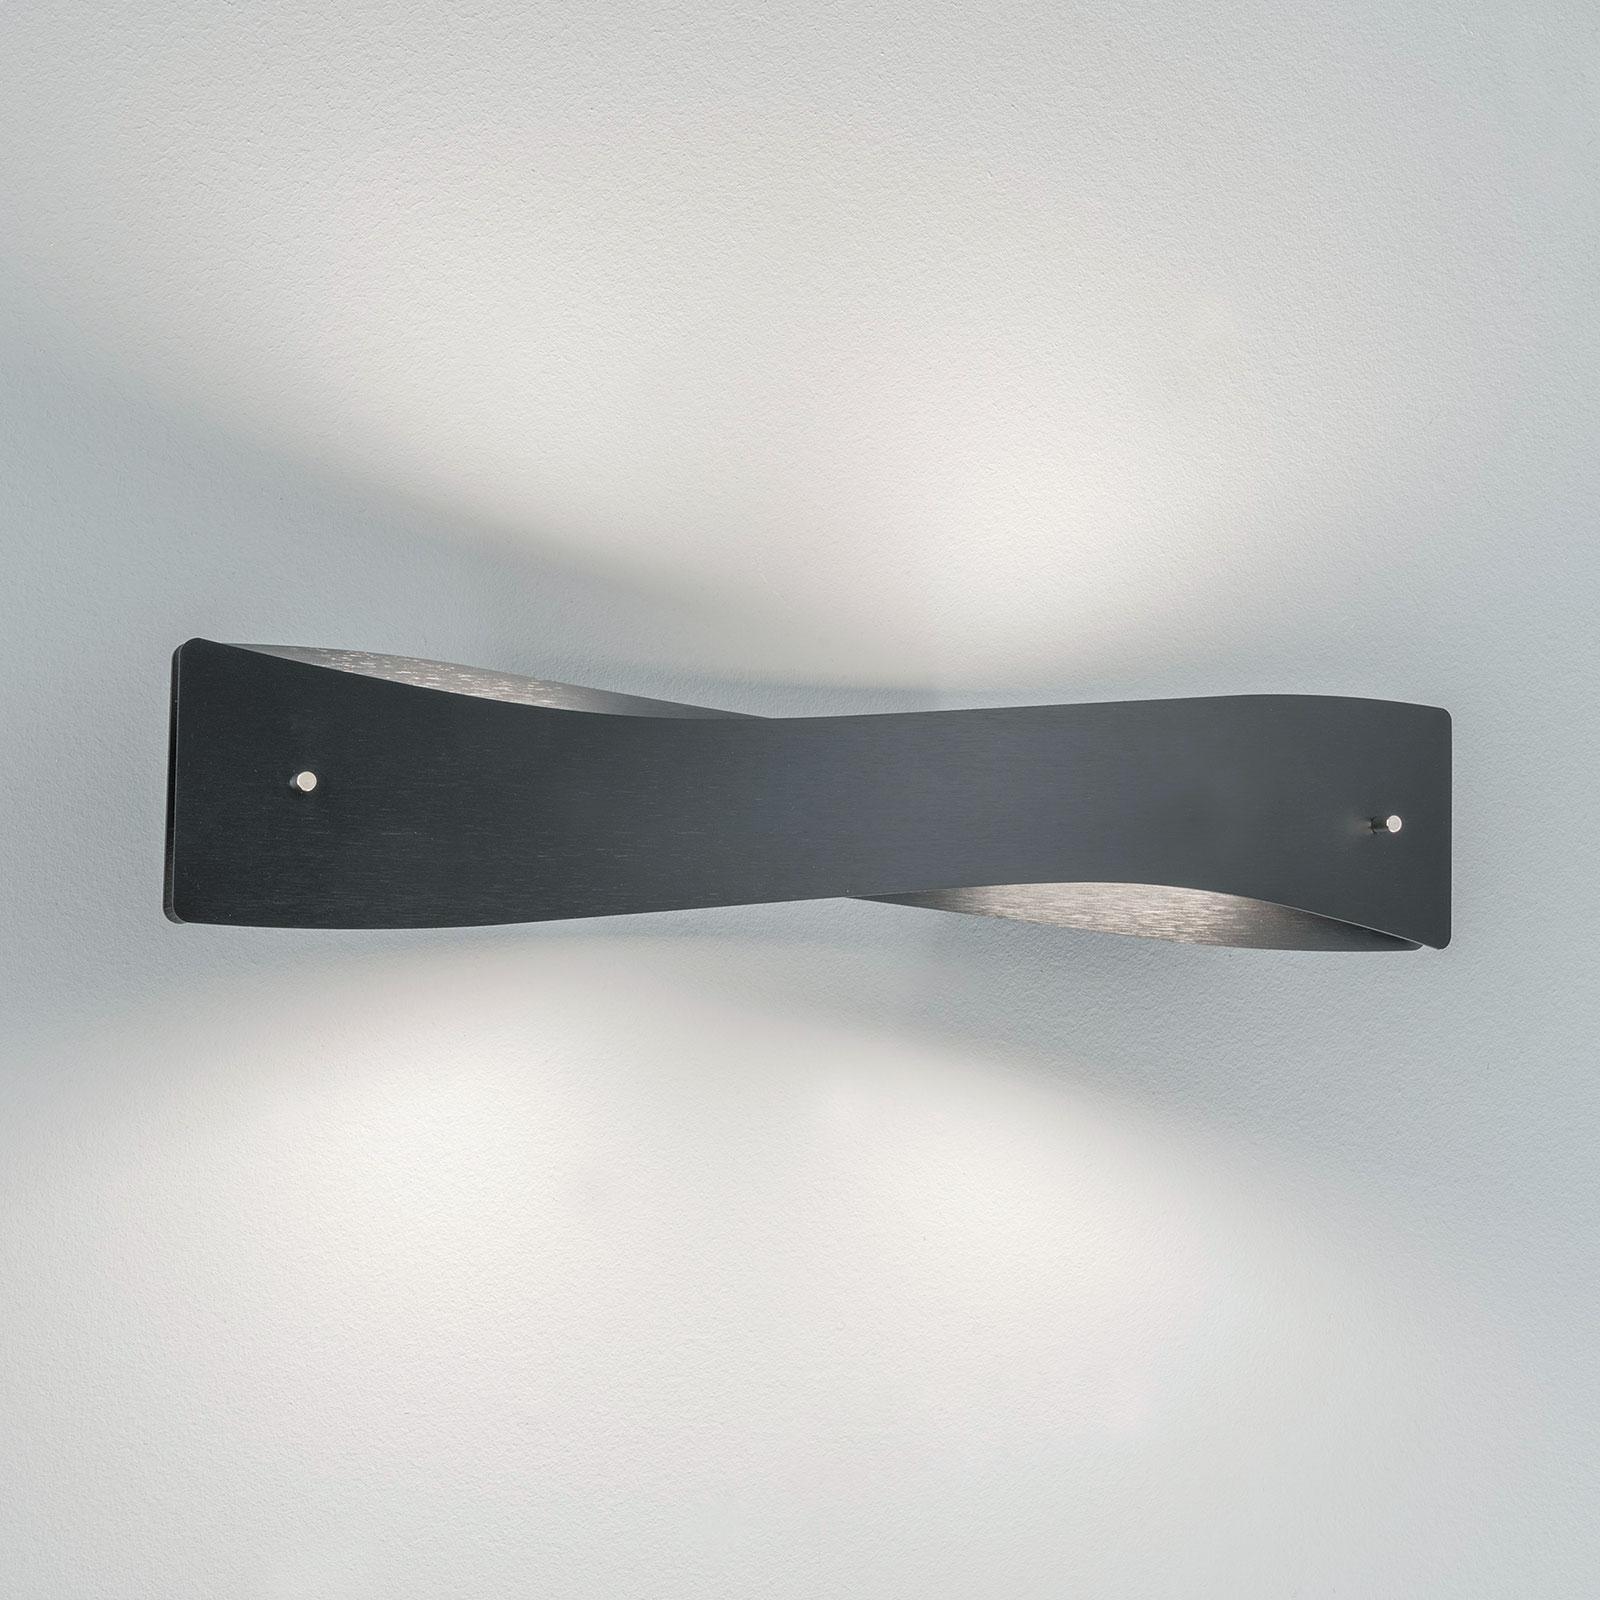 Lucande Lian LED nástěnné světlo, černé, hliník